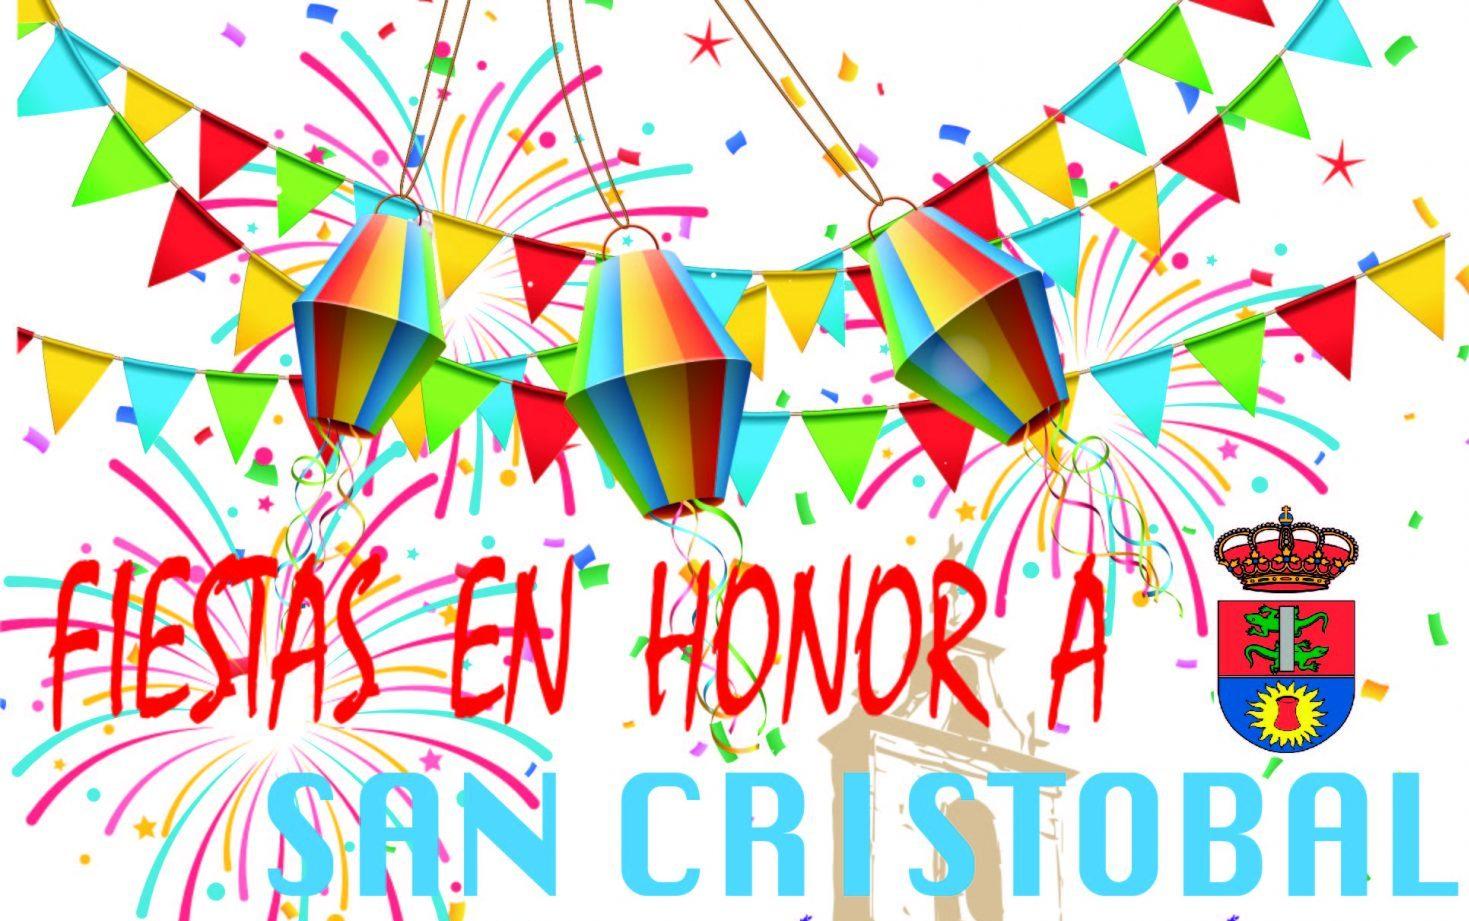 Cubillos del Sil celebra San Cristobal 2021 con actividades para todos del 9 al 12 de julio 1